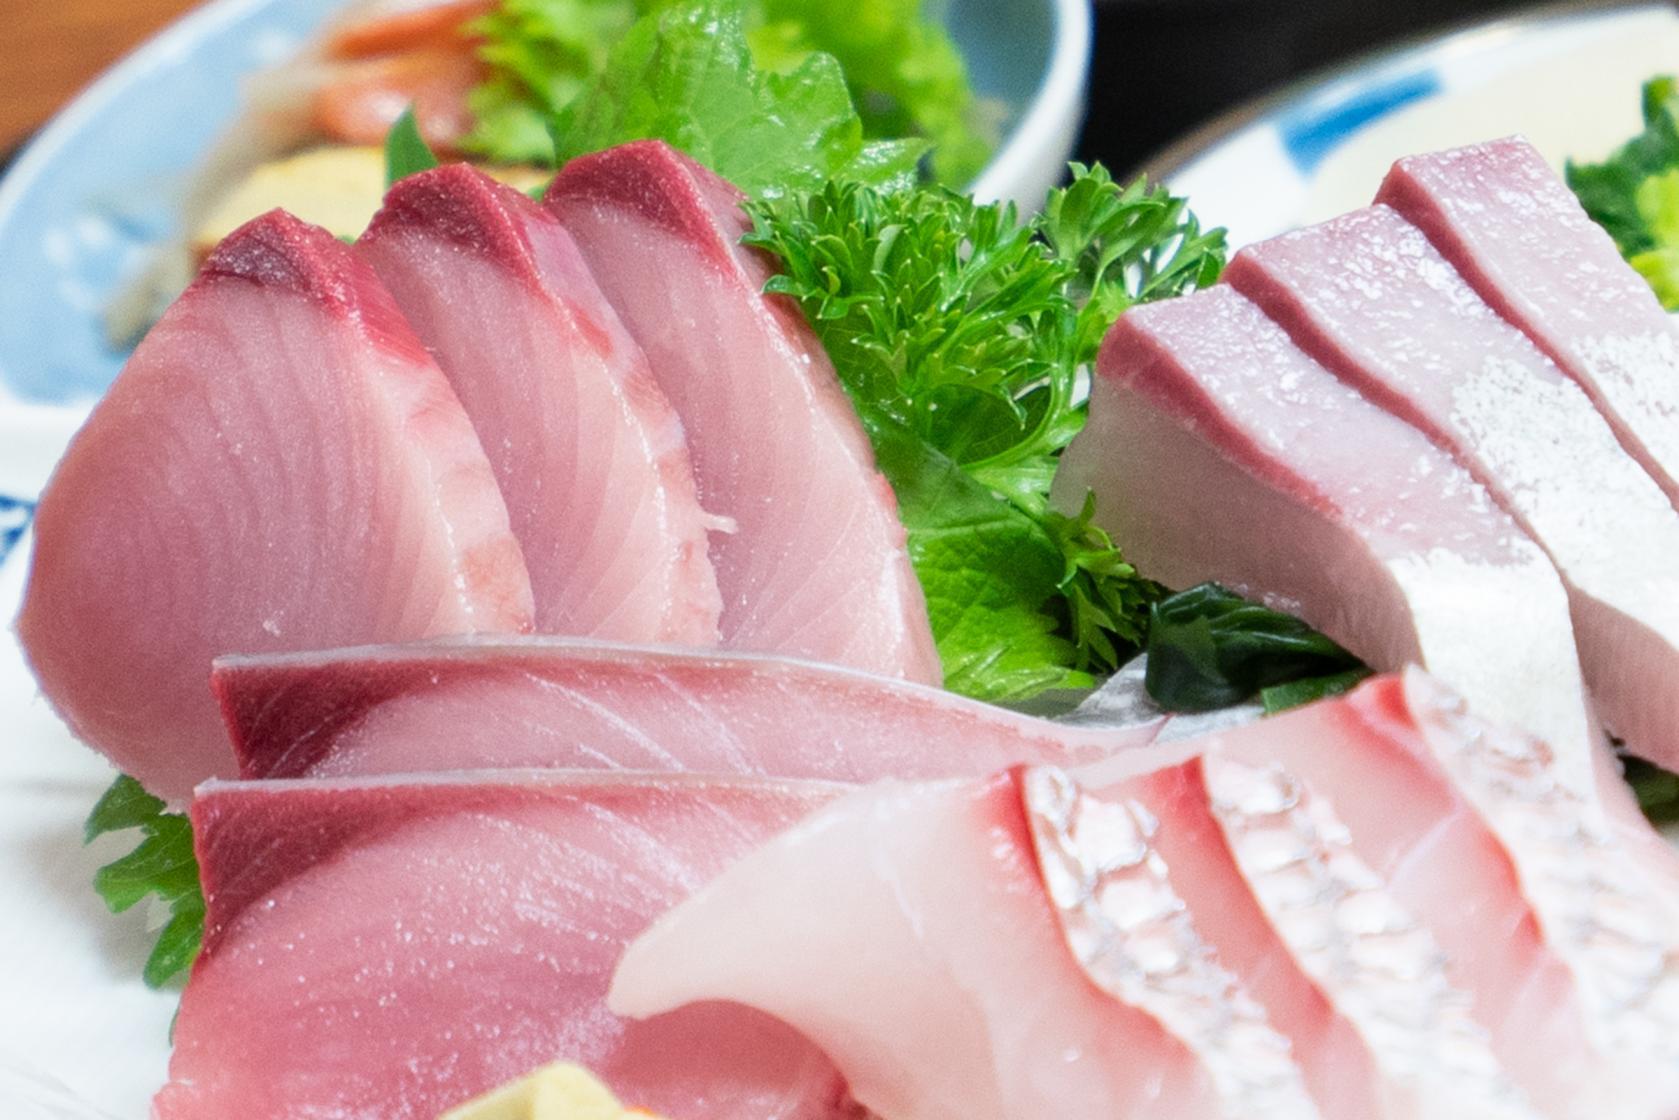 美味しさ自在!壱岐グルメと一緒に、クイッと麦焼酎を楽しみましょう。-7